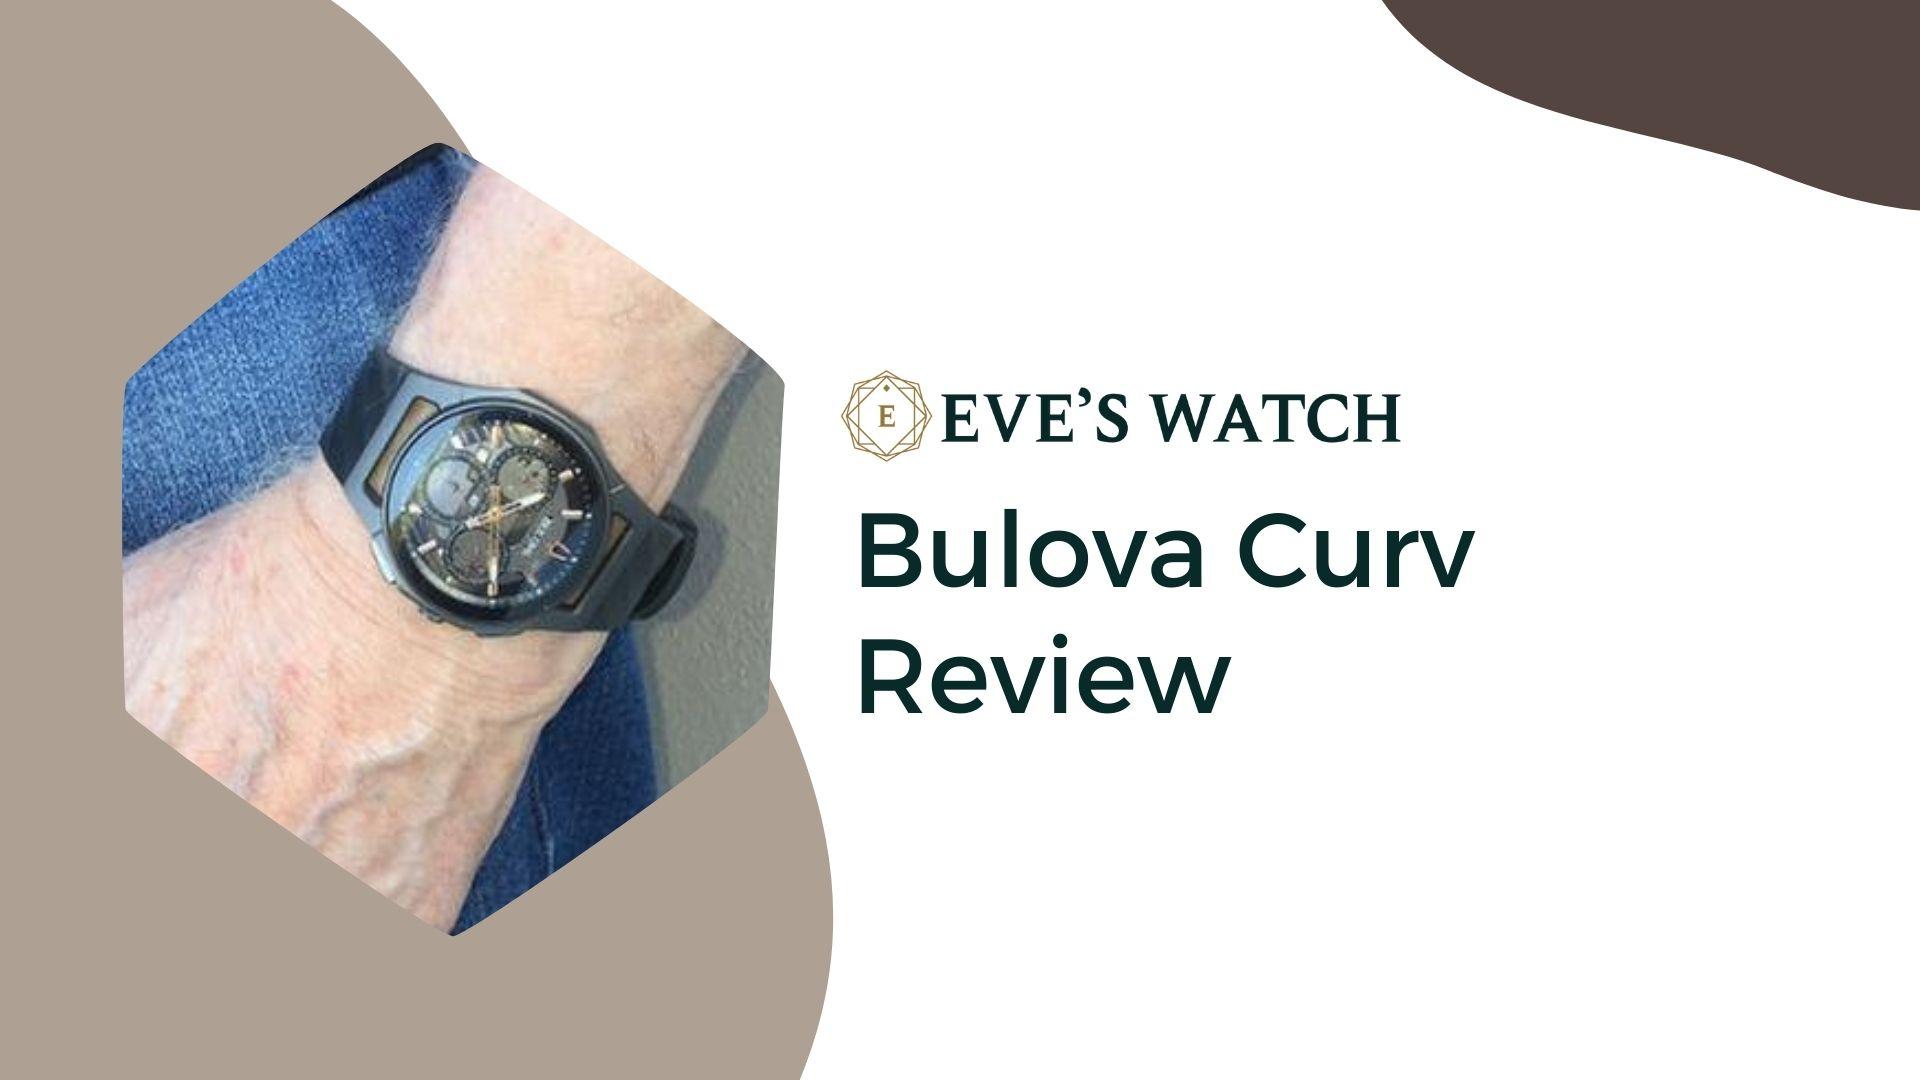 Bulova Curv Review